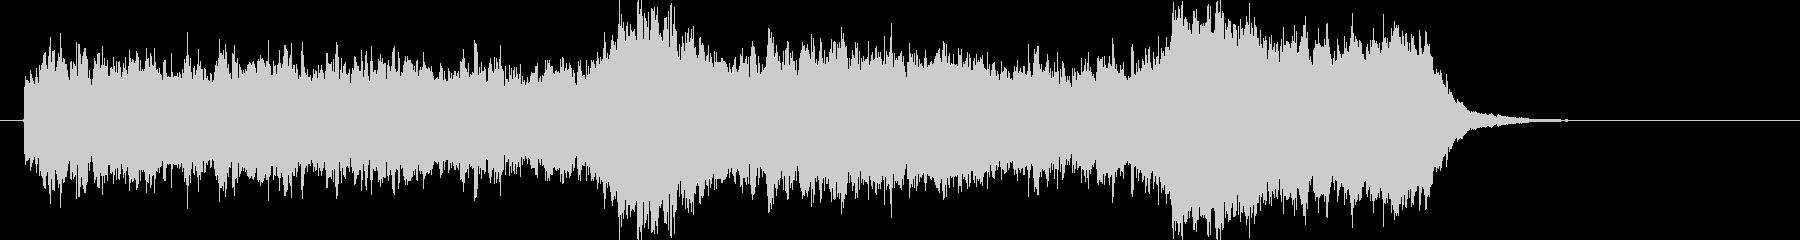 バグパイプ重厚オープニングサウンドの未再生の波形